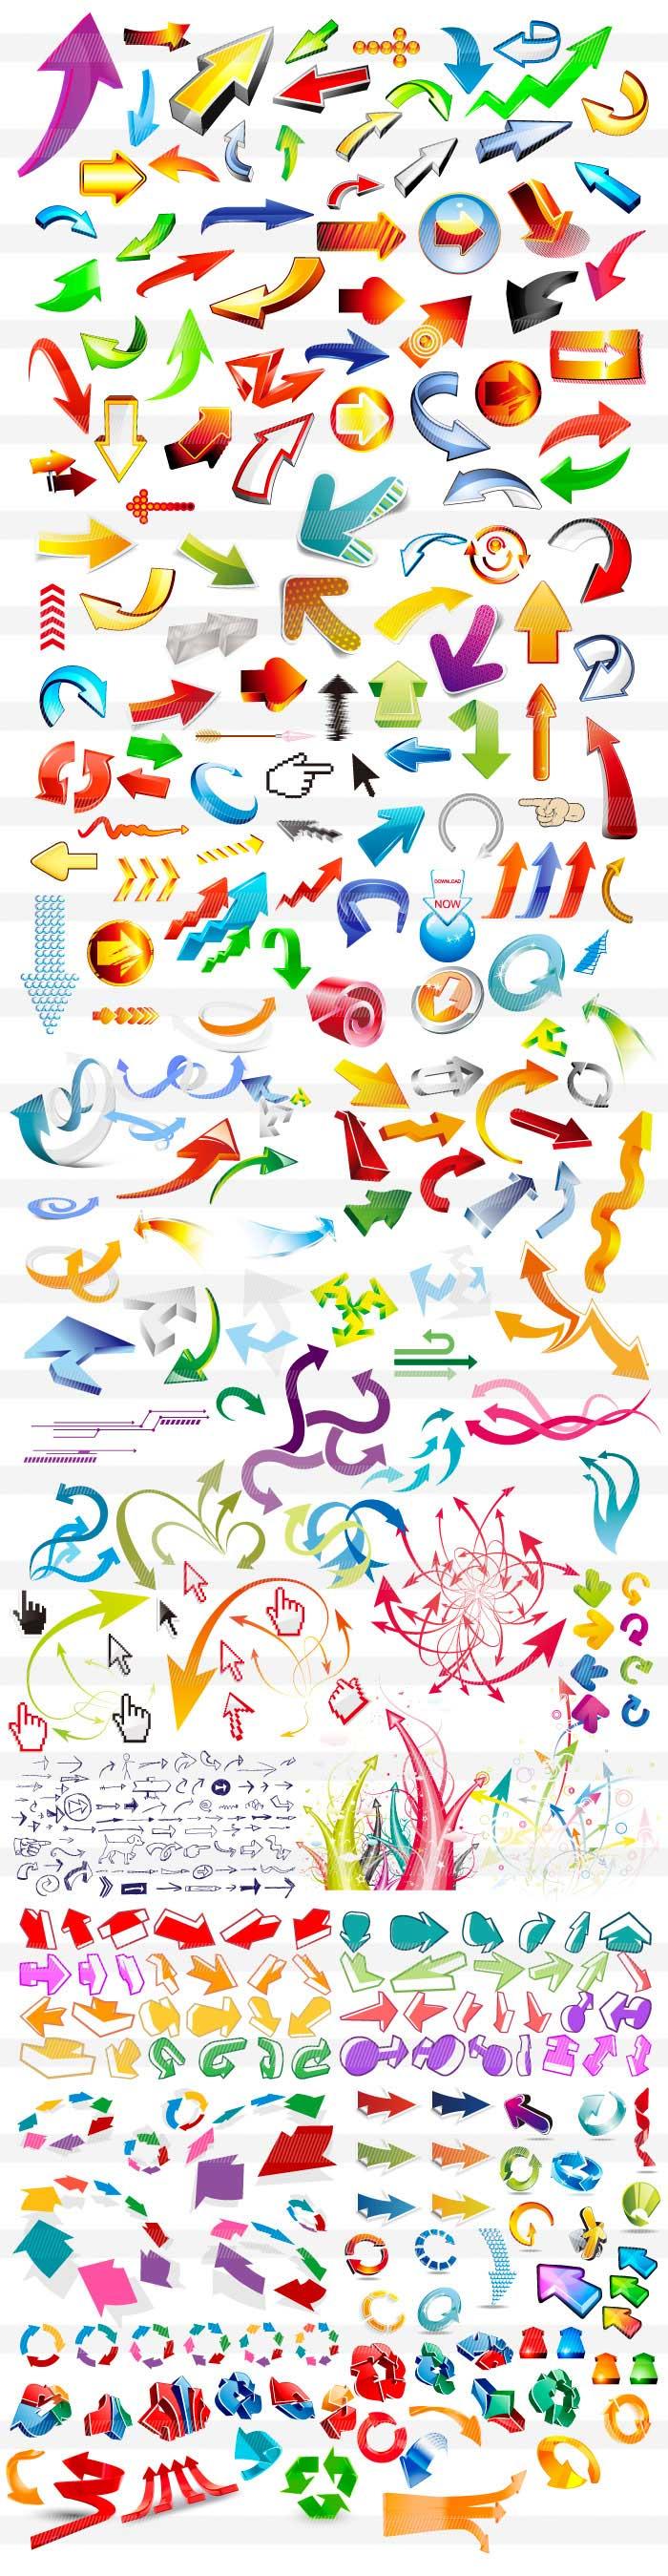 色々な矢印のイラスト